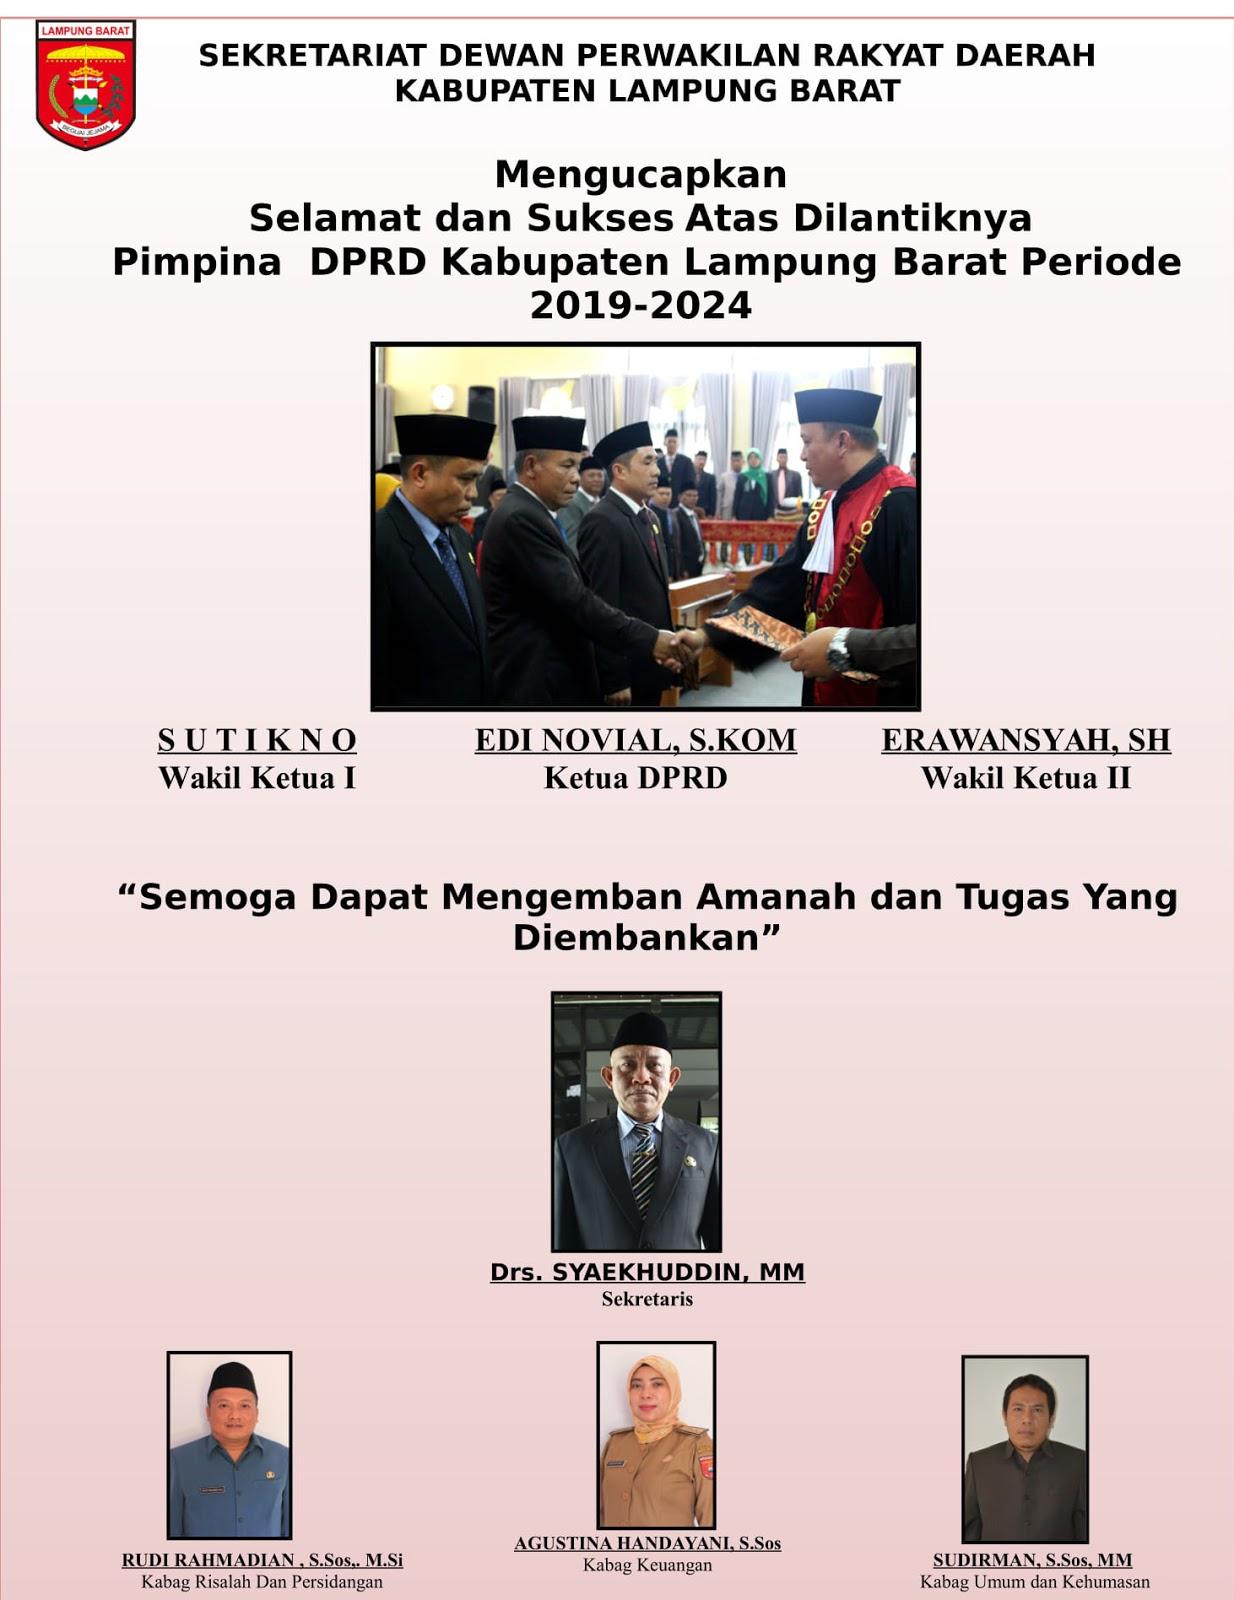 Sekretariat DPRD Lambar: Selamat Pelantikan Ketua dan Wakil Ketua DPRD